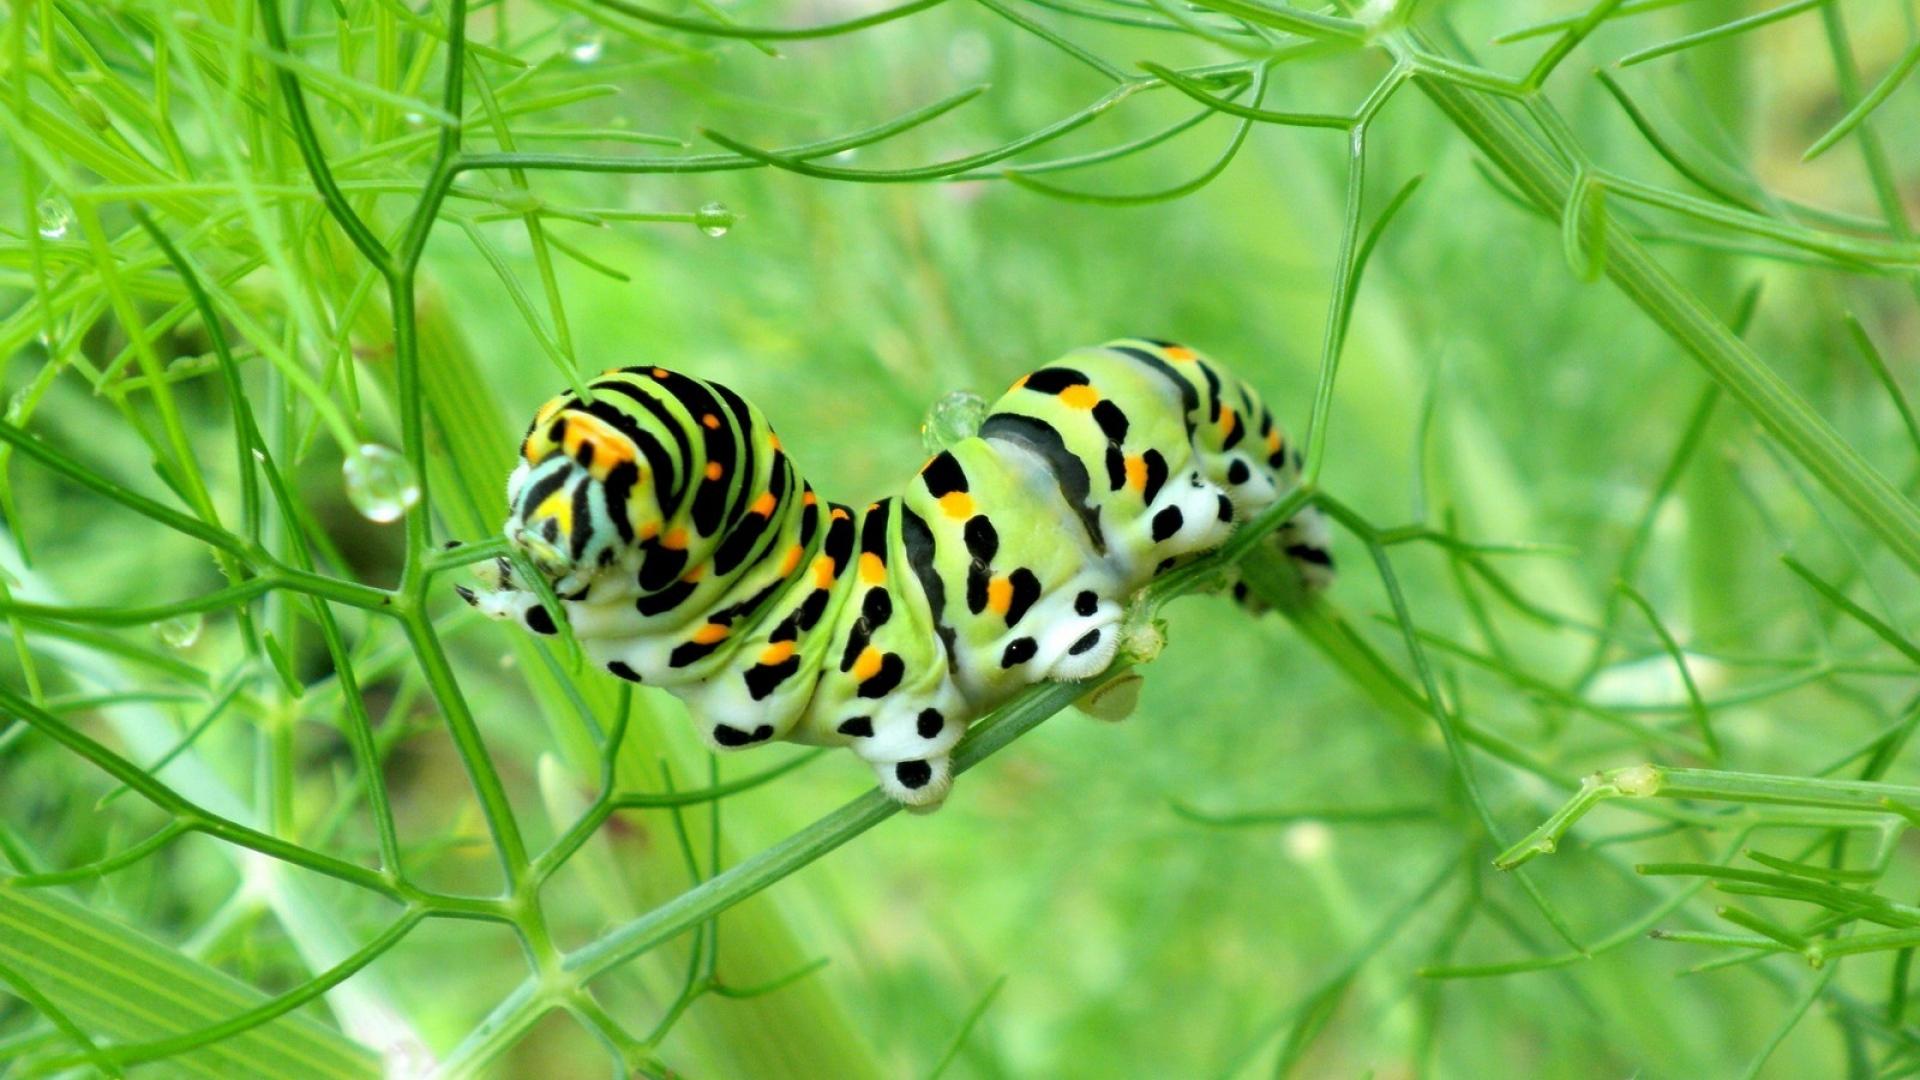 caterpillar-green-grass-http-www-u-org-caterpillar-green-grass-wallpaper-wp3803669